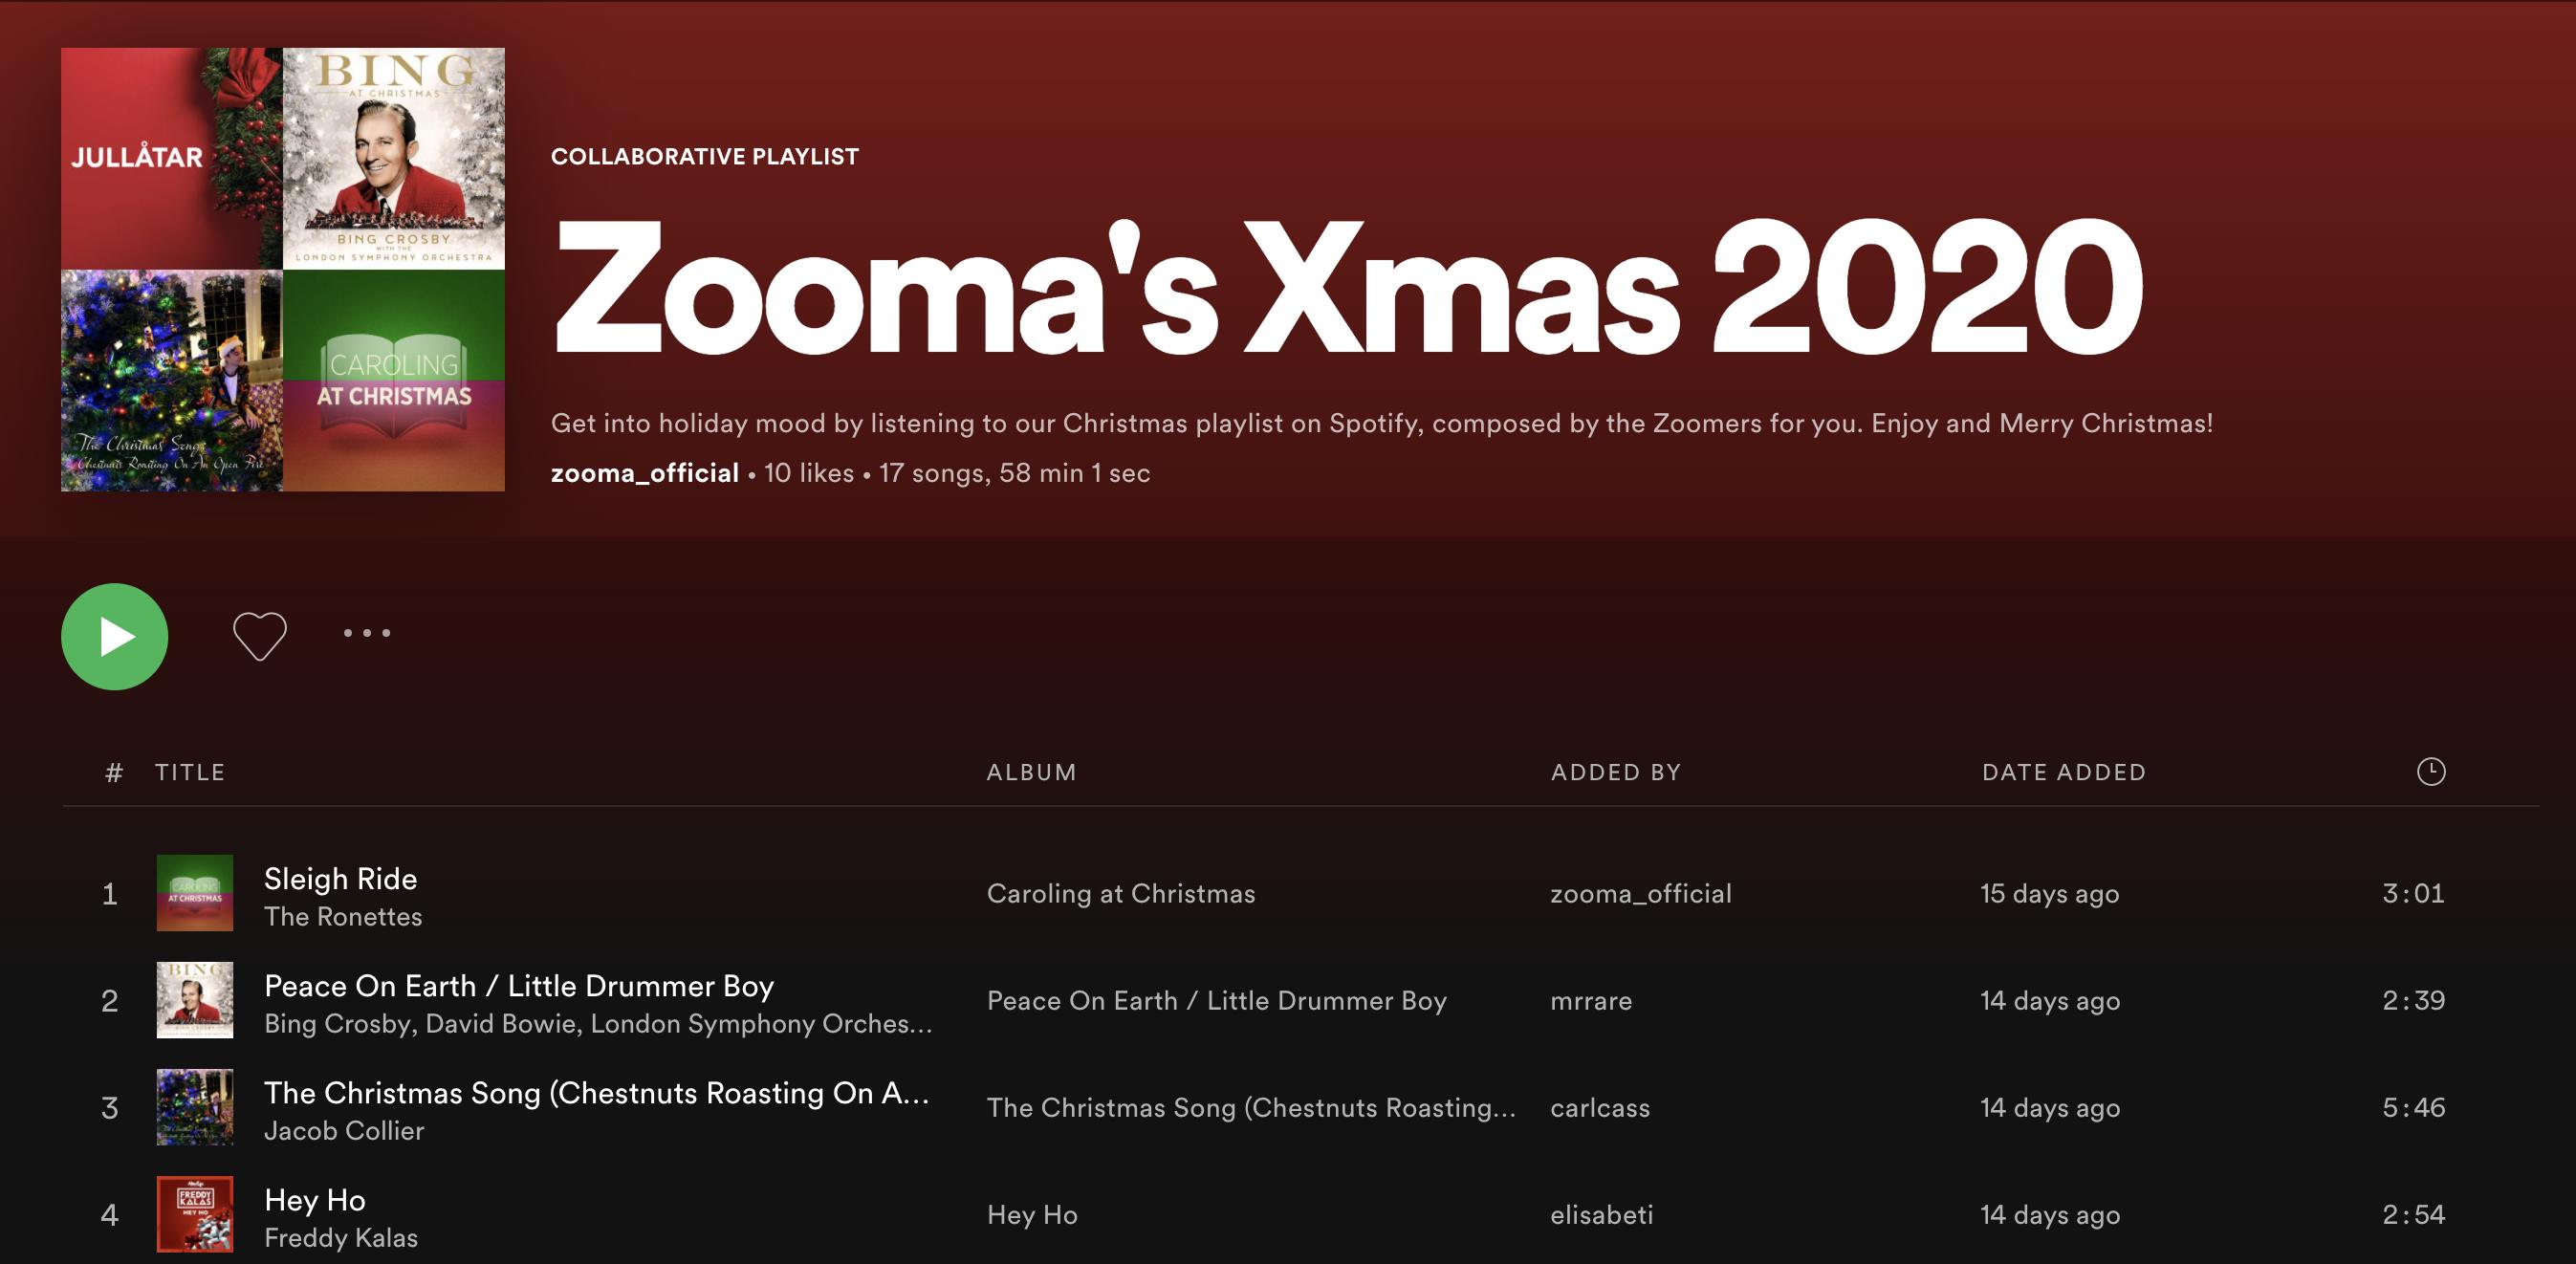 Zooma-Spotiify-xmas-playlist-2020